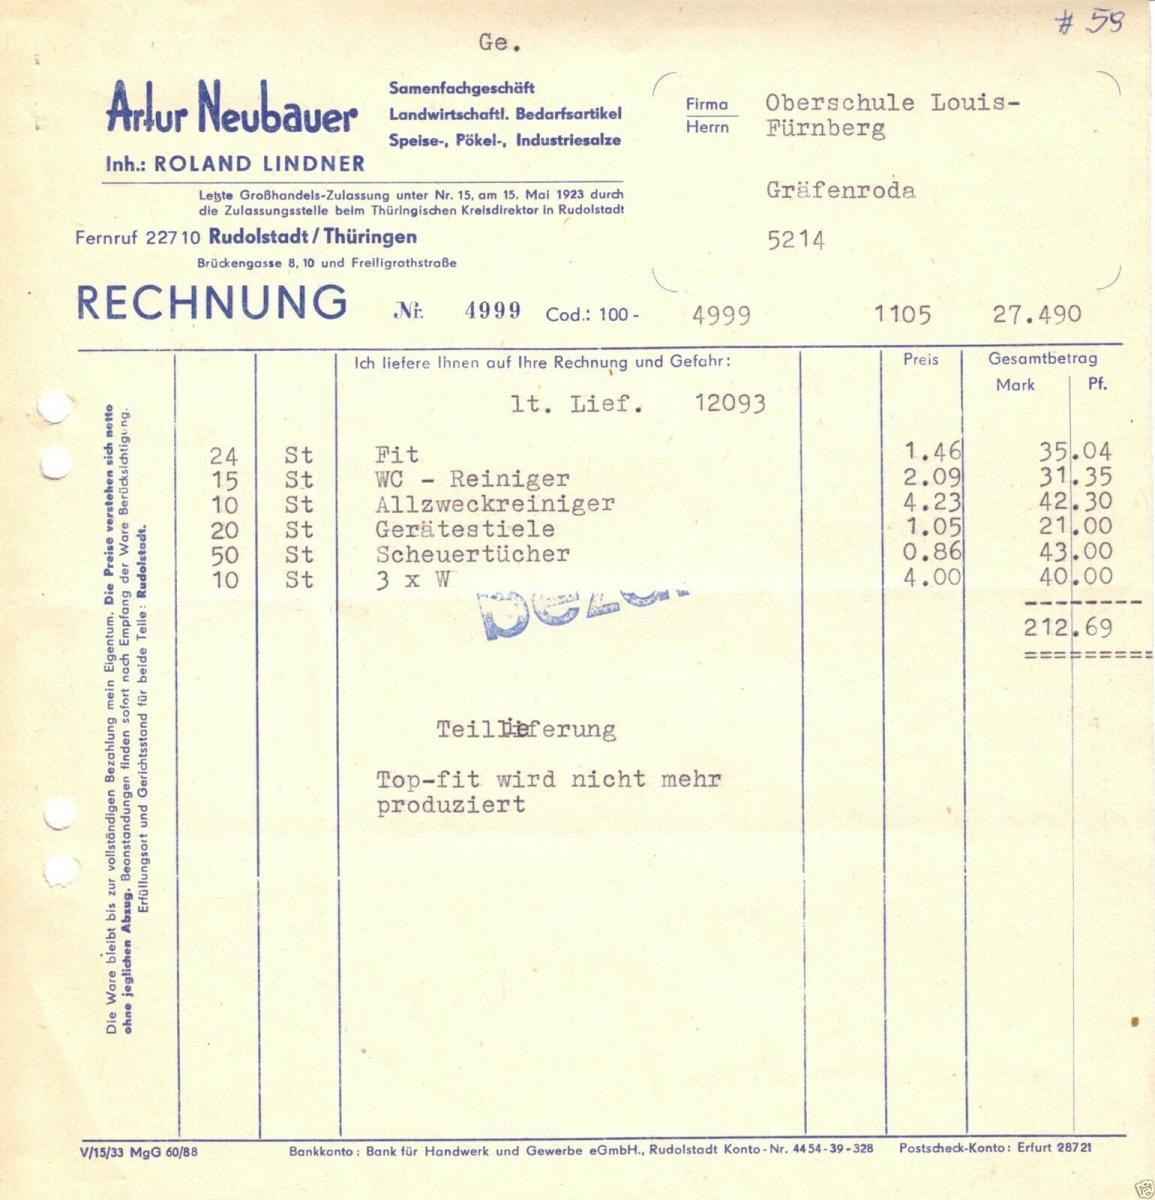 Rechnung, Fa. Artur Neubauer, Rudolstadt Thüringen, um 1965